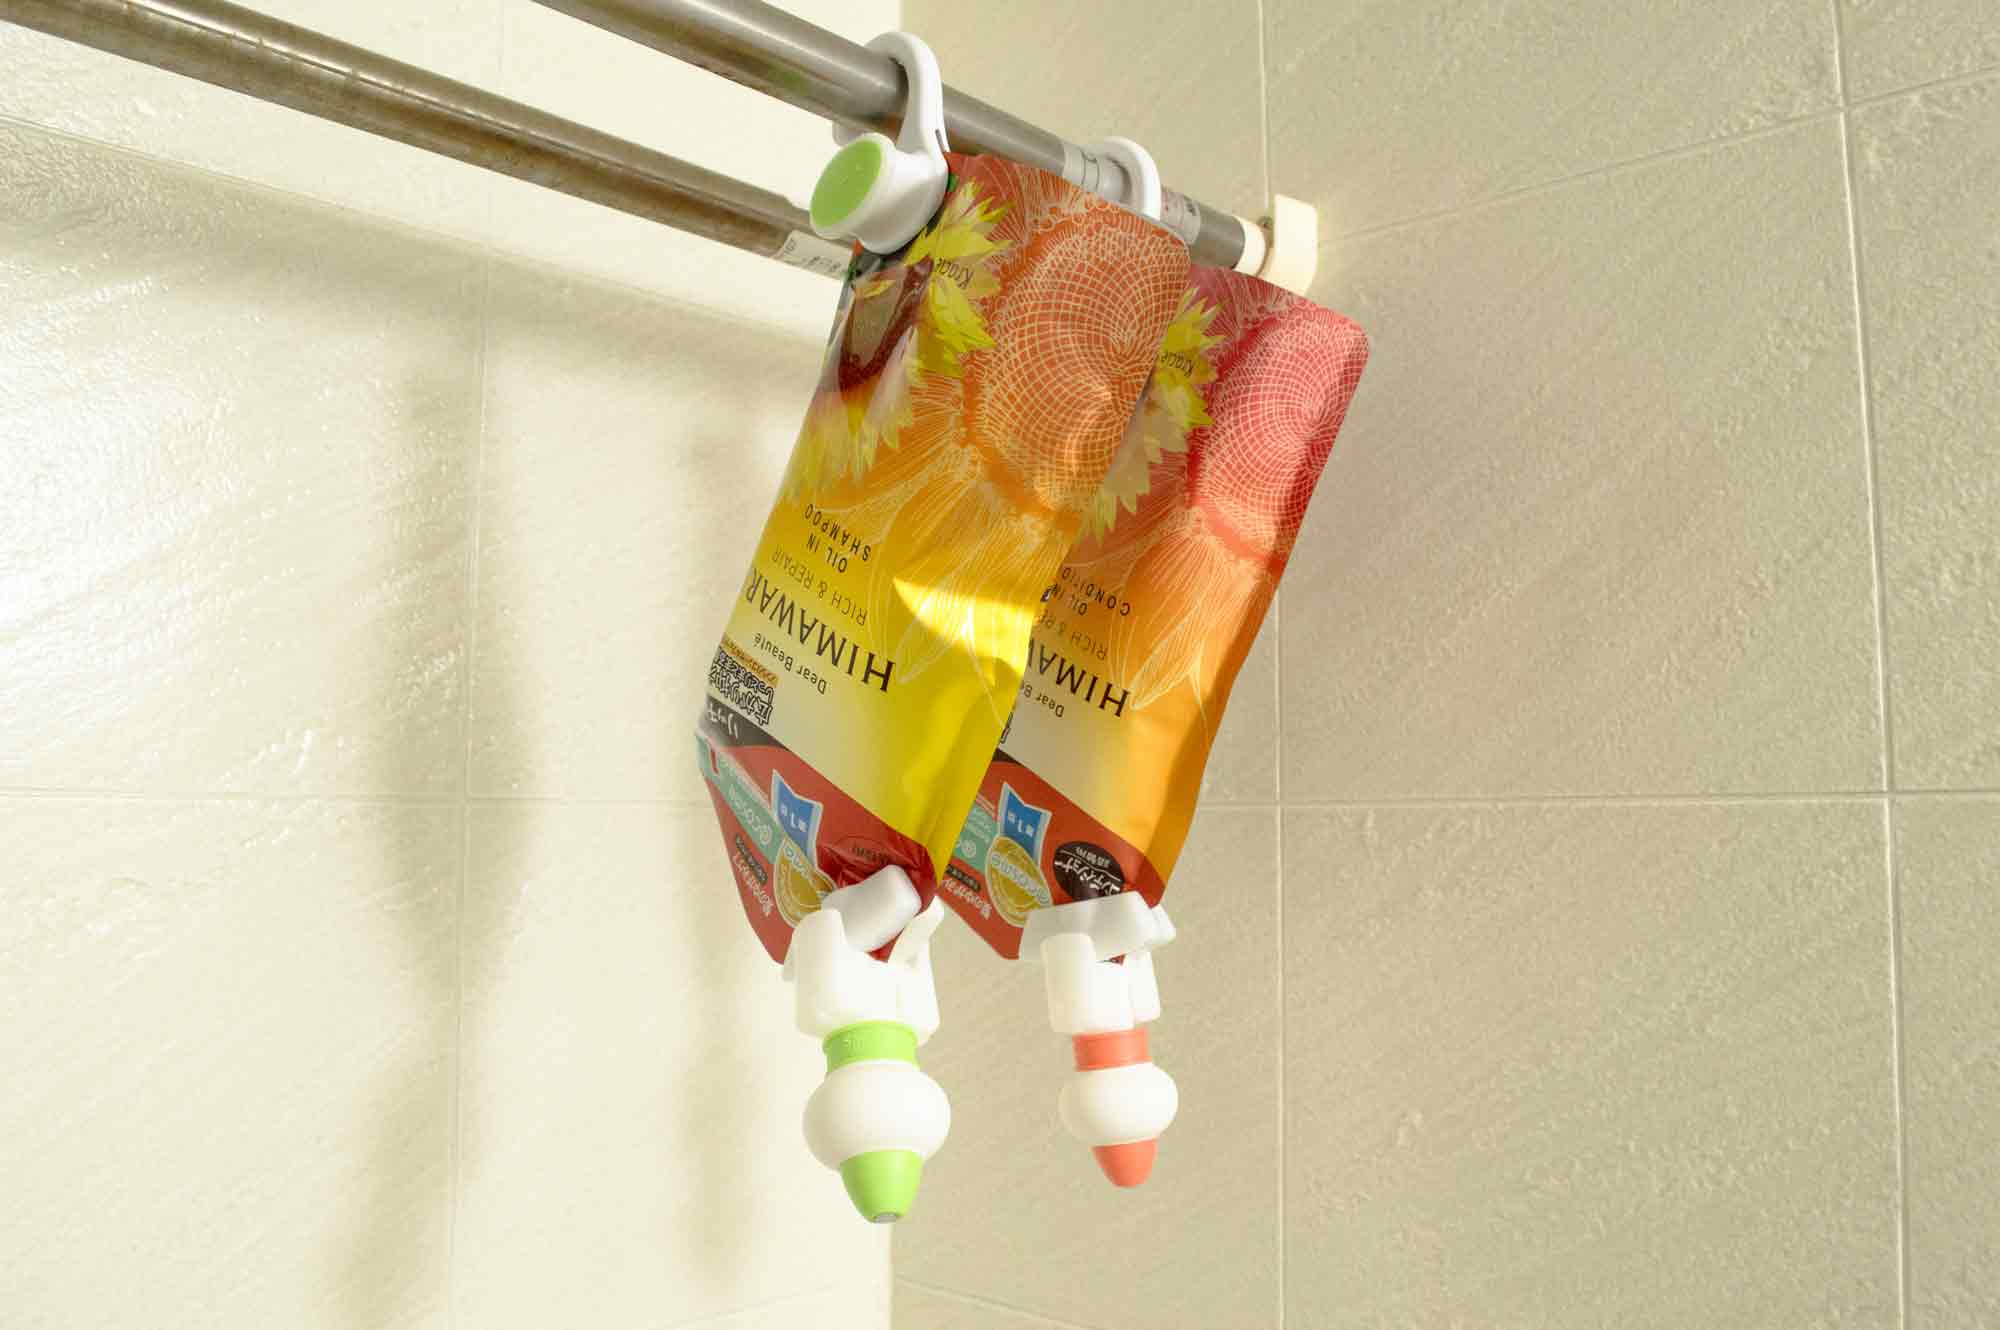 浴室乾燥機の洗濯物を吊るす棒にシャンプーとコンディショナーの詰め替え用パッケージを吊るす